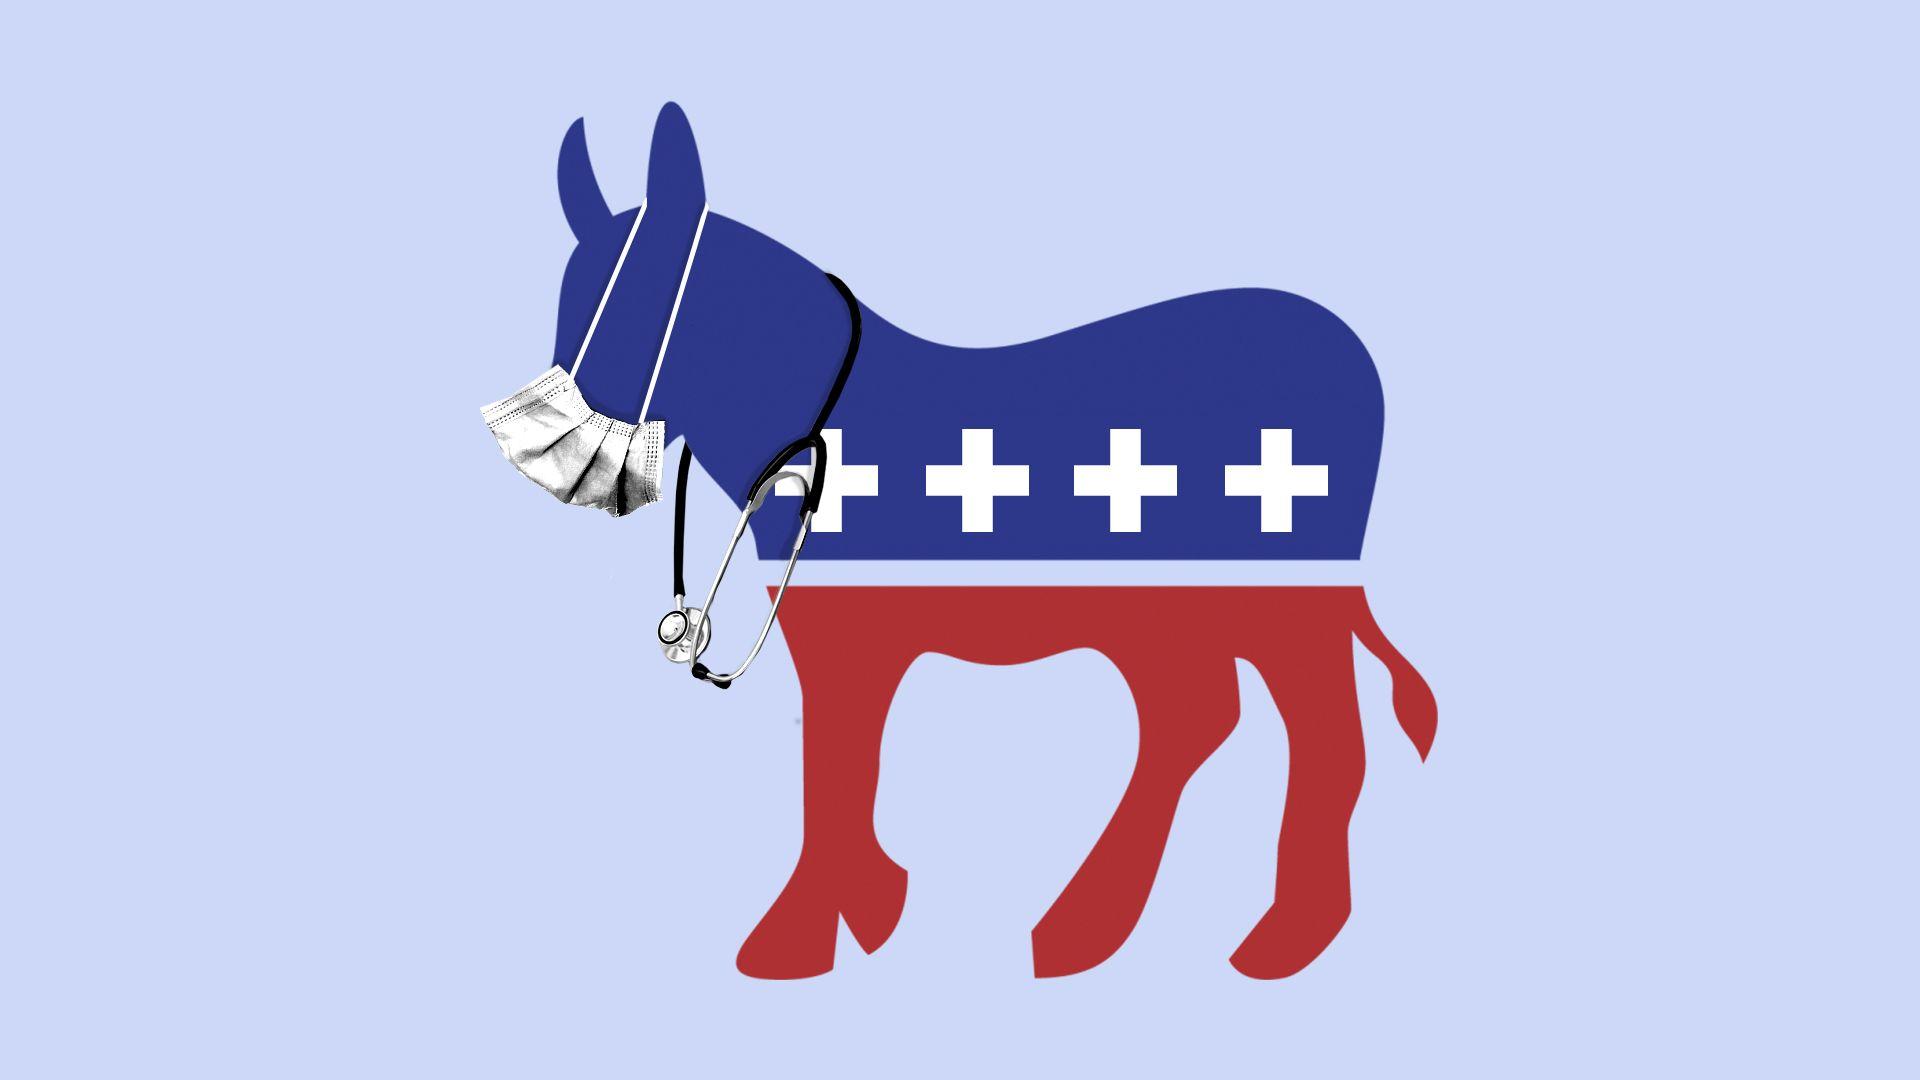 Illustration of democratic donkey wearing stethoscope and medical mask